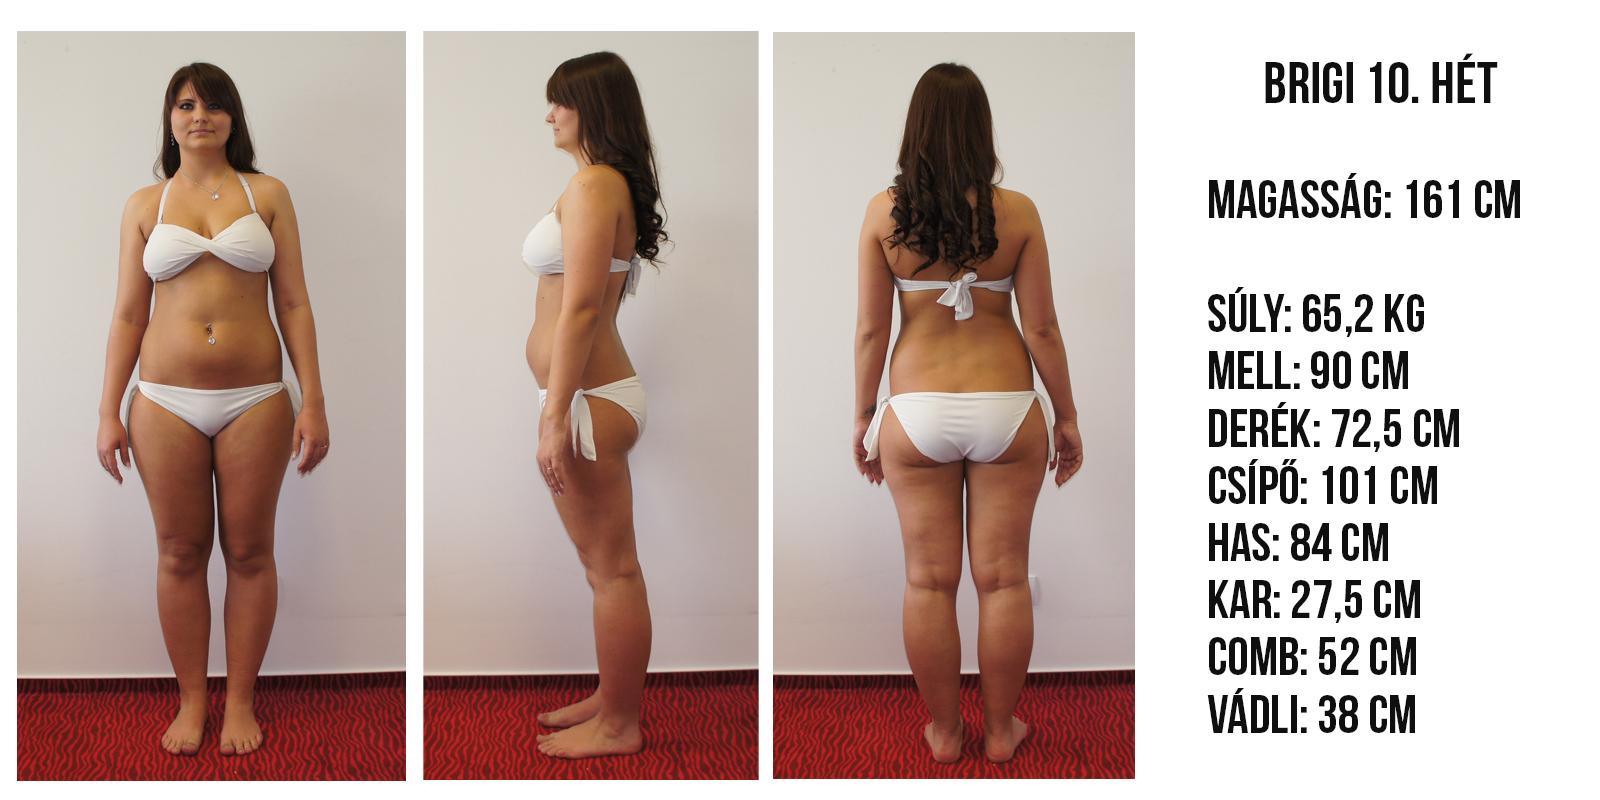 hogyan lehet lefogyni a testsúlyom fogyni, miközben a menstruáció